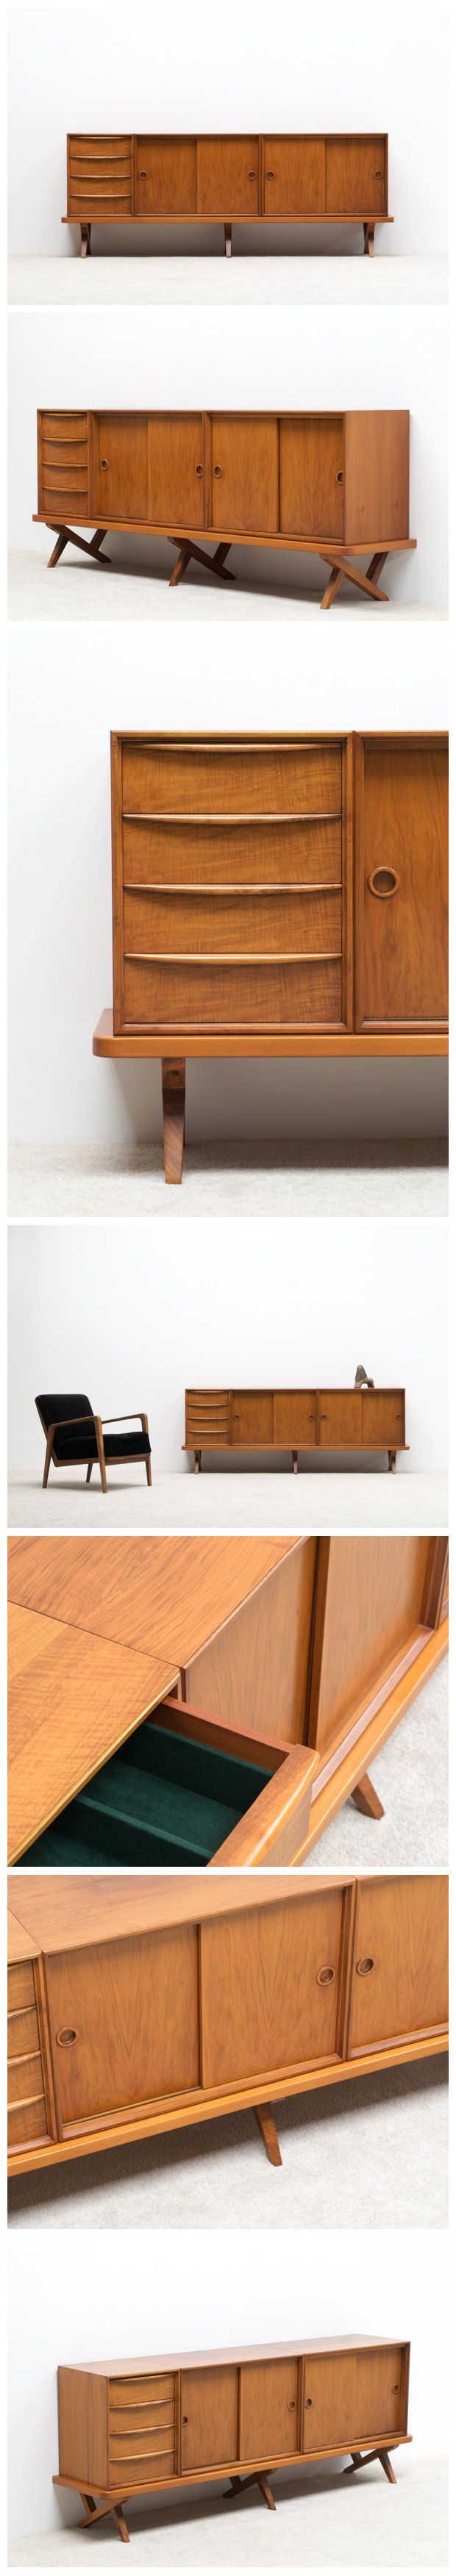 Best 25+ Walnut sideboard ideas on Pinterest | Sideboard cabinet ...